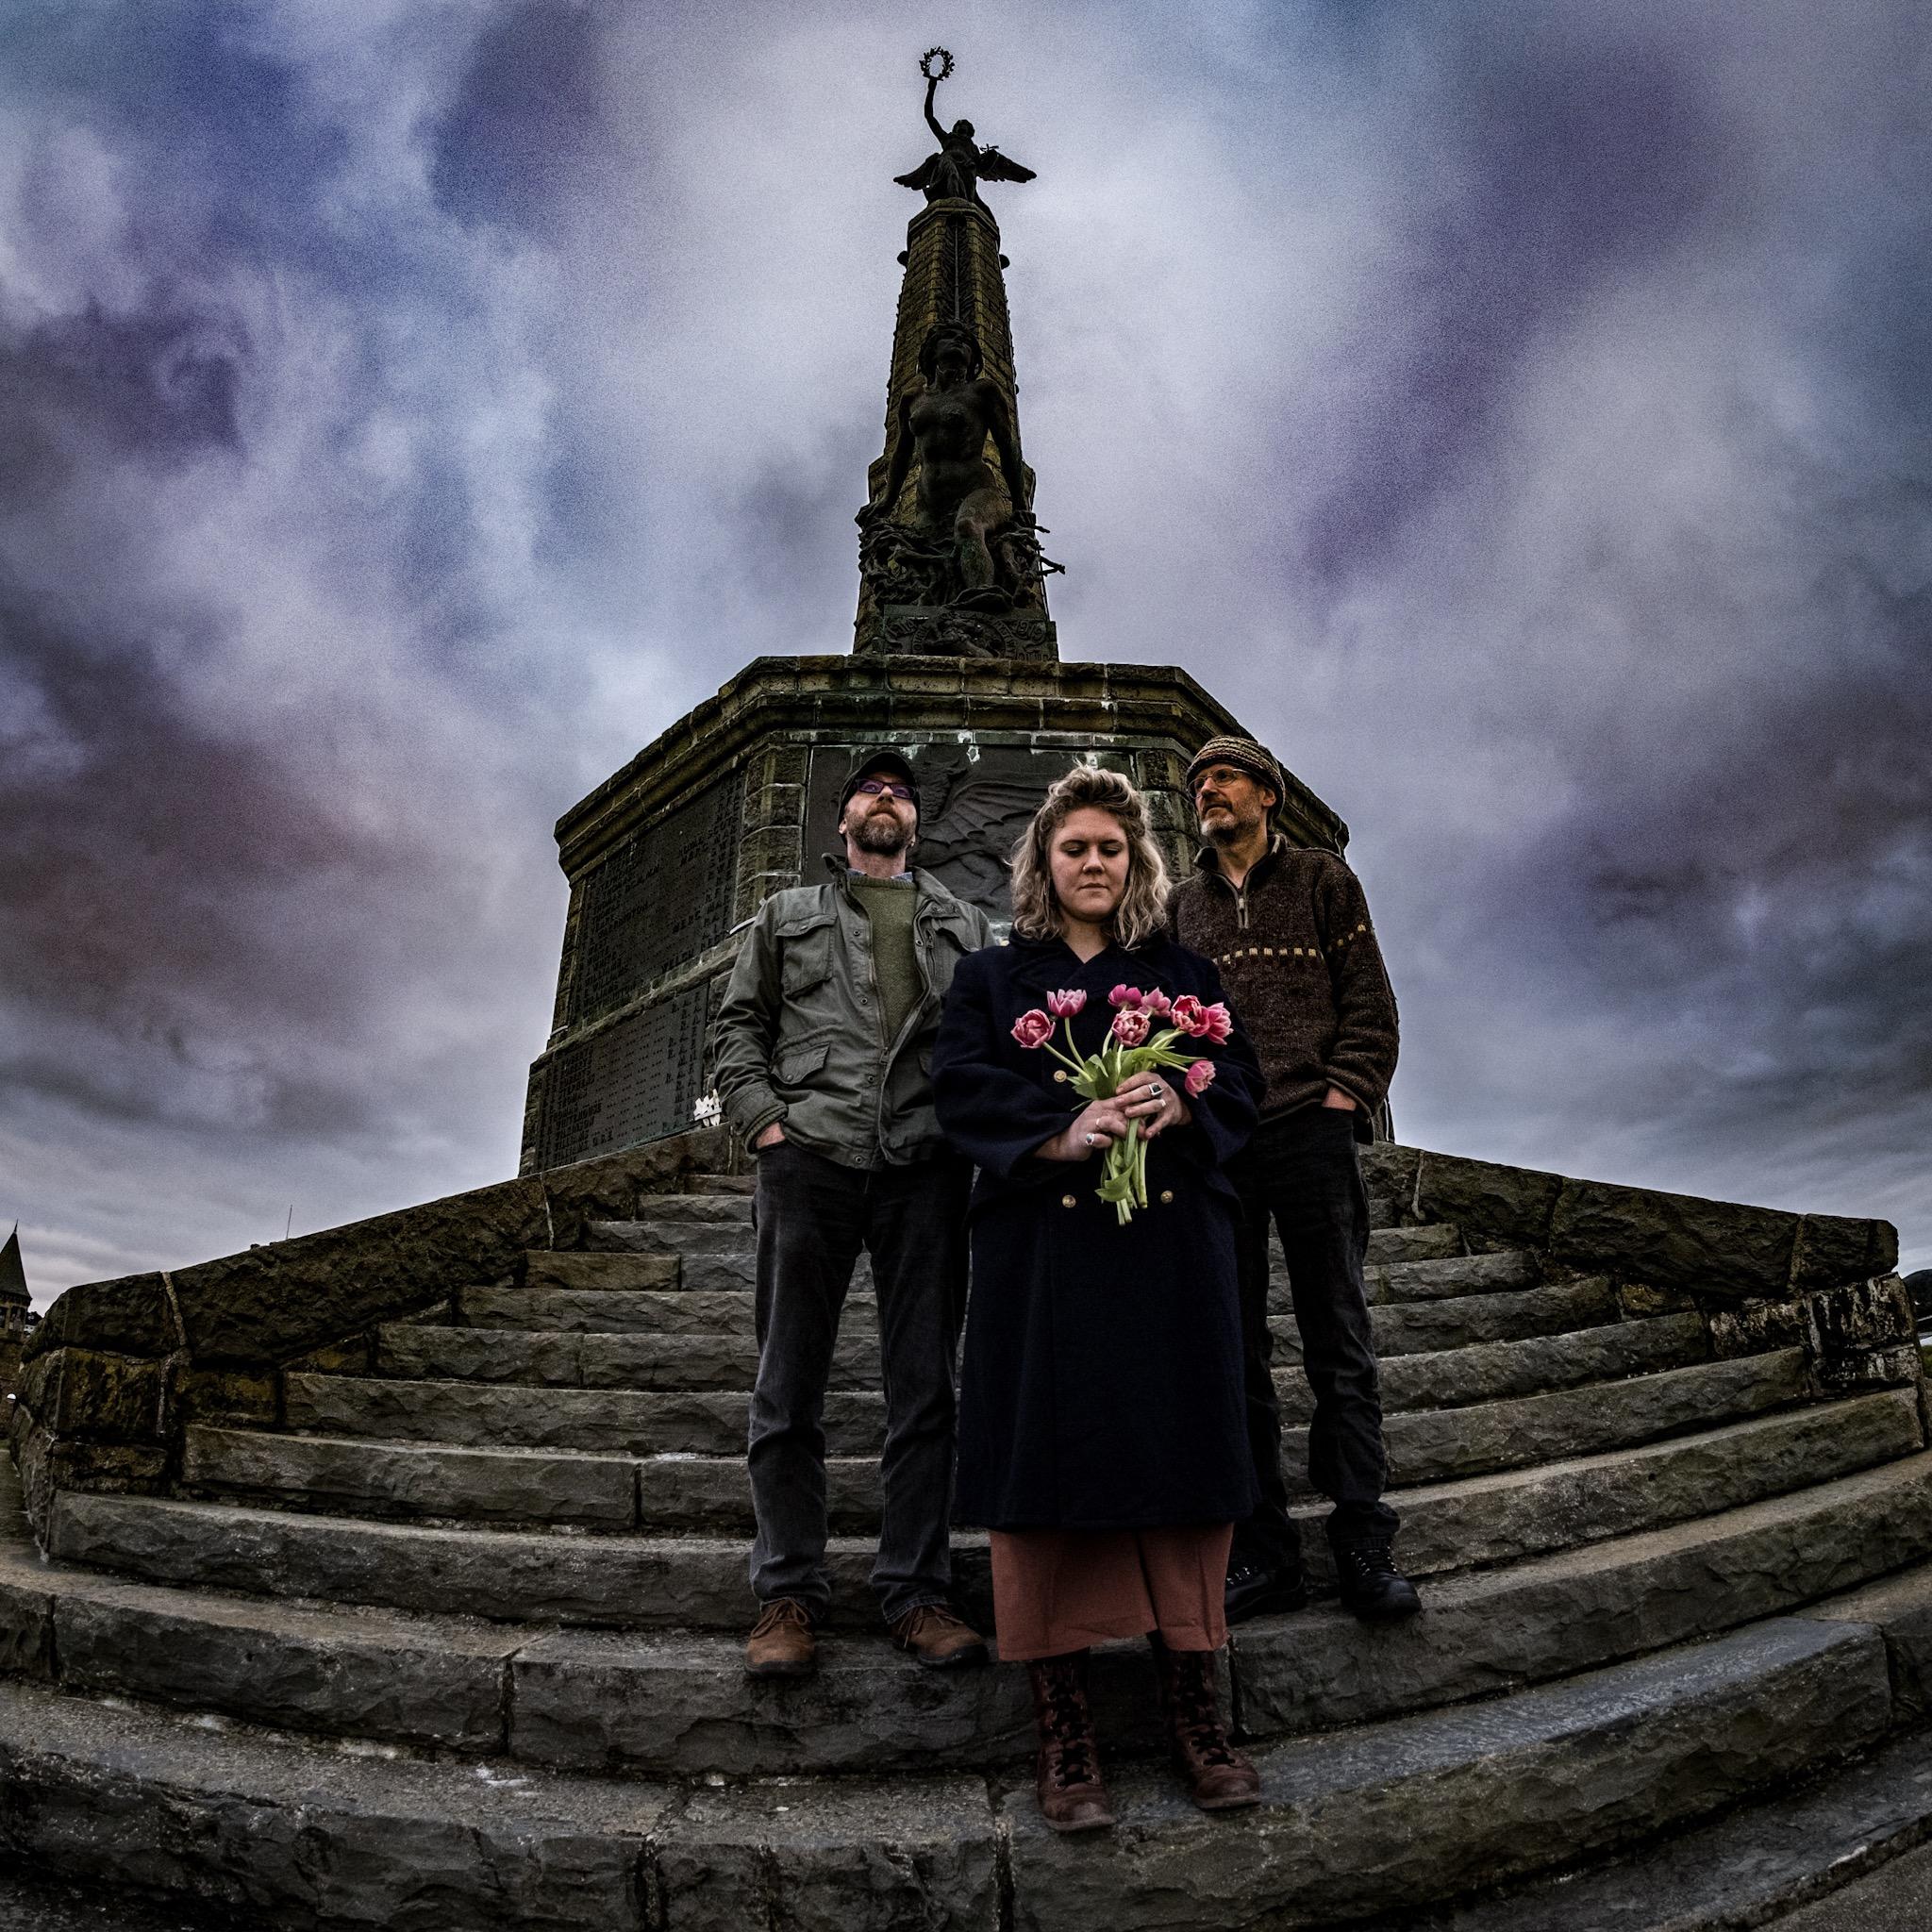 3LM at Aberystwyth war memorial